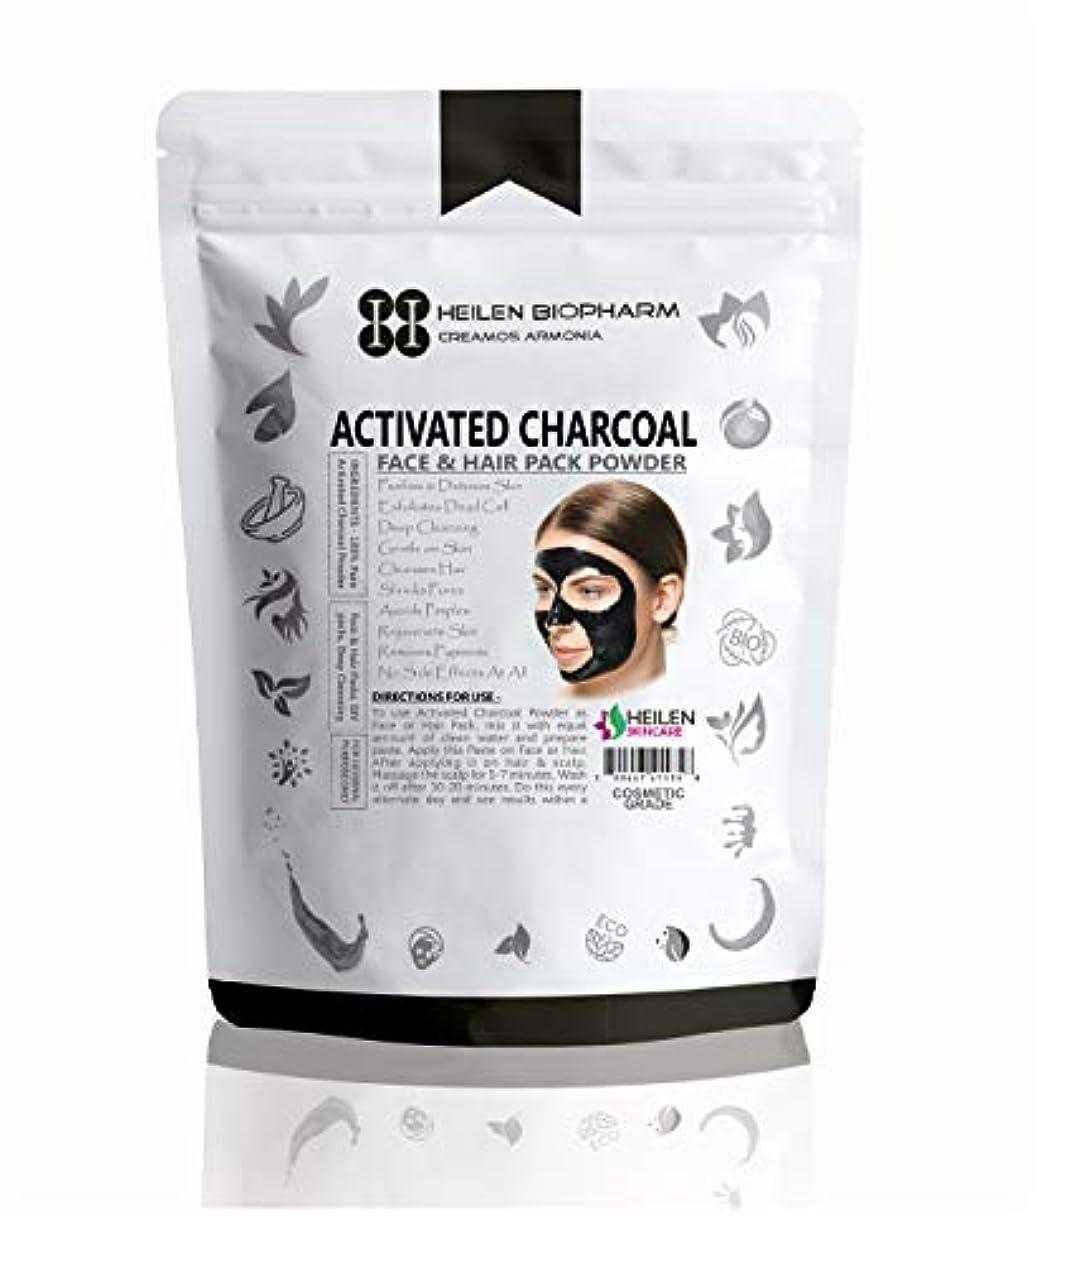 宣教師杭通り活性化チャコールパウダー(フェイスパック用)(Activated Charcoal Powder for Face Pack) (200 gm / 7 oz / 0.44 lb)